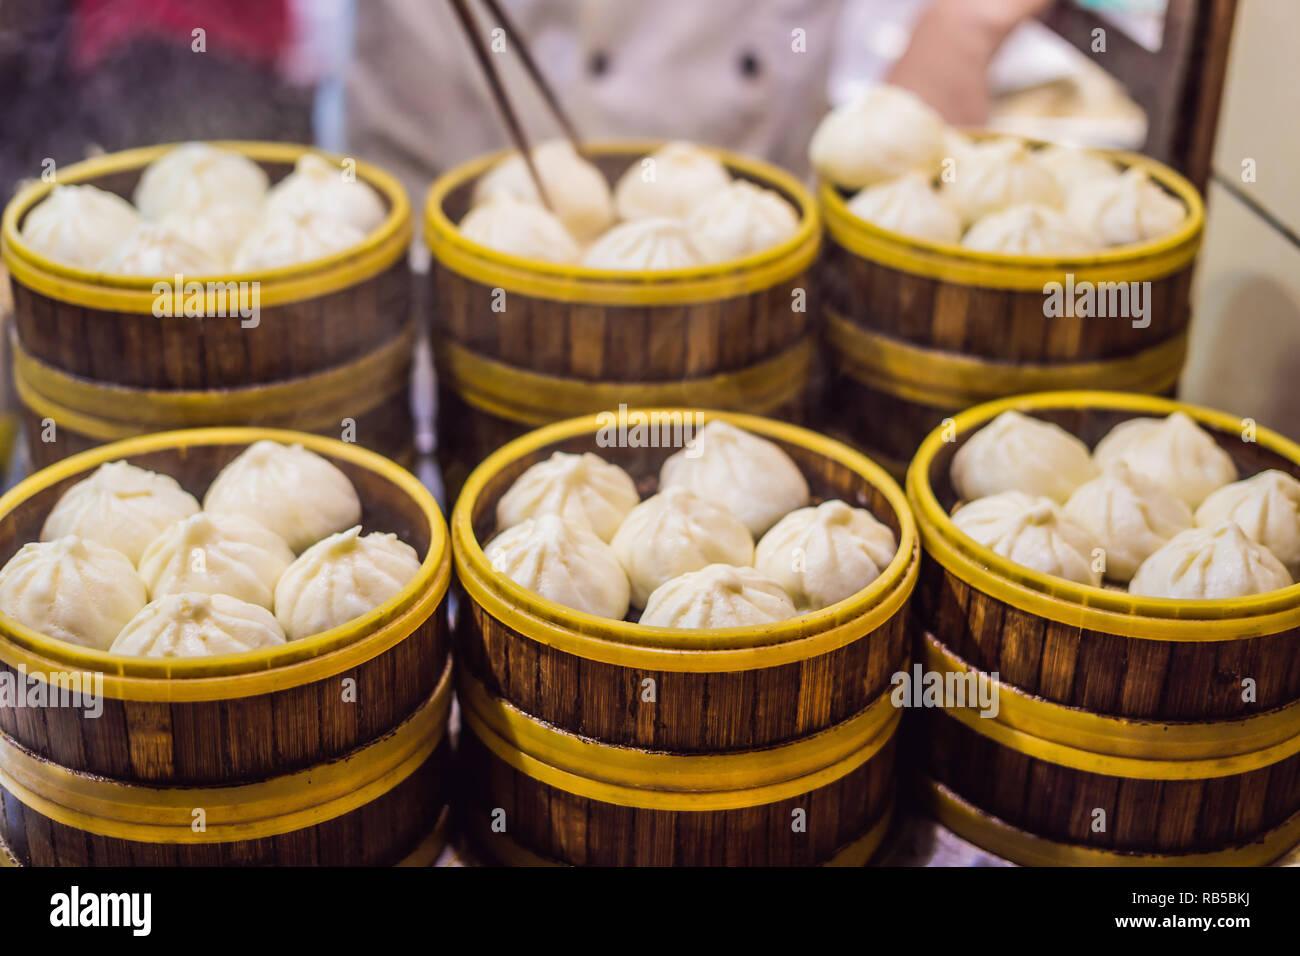 En vente au stand de l'alimentation de rue spécialité chinoise boulettes à la vapeur à Beijing, Chine Banque D'Images